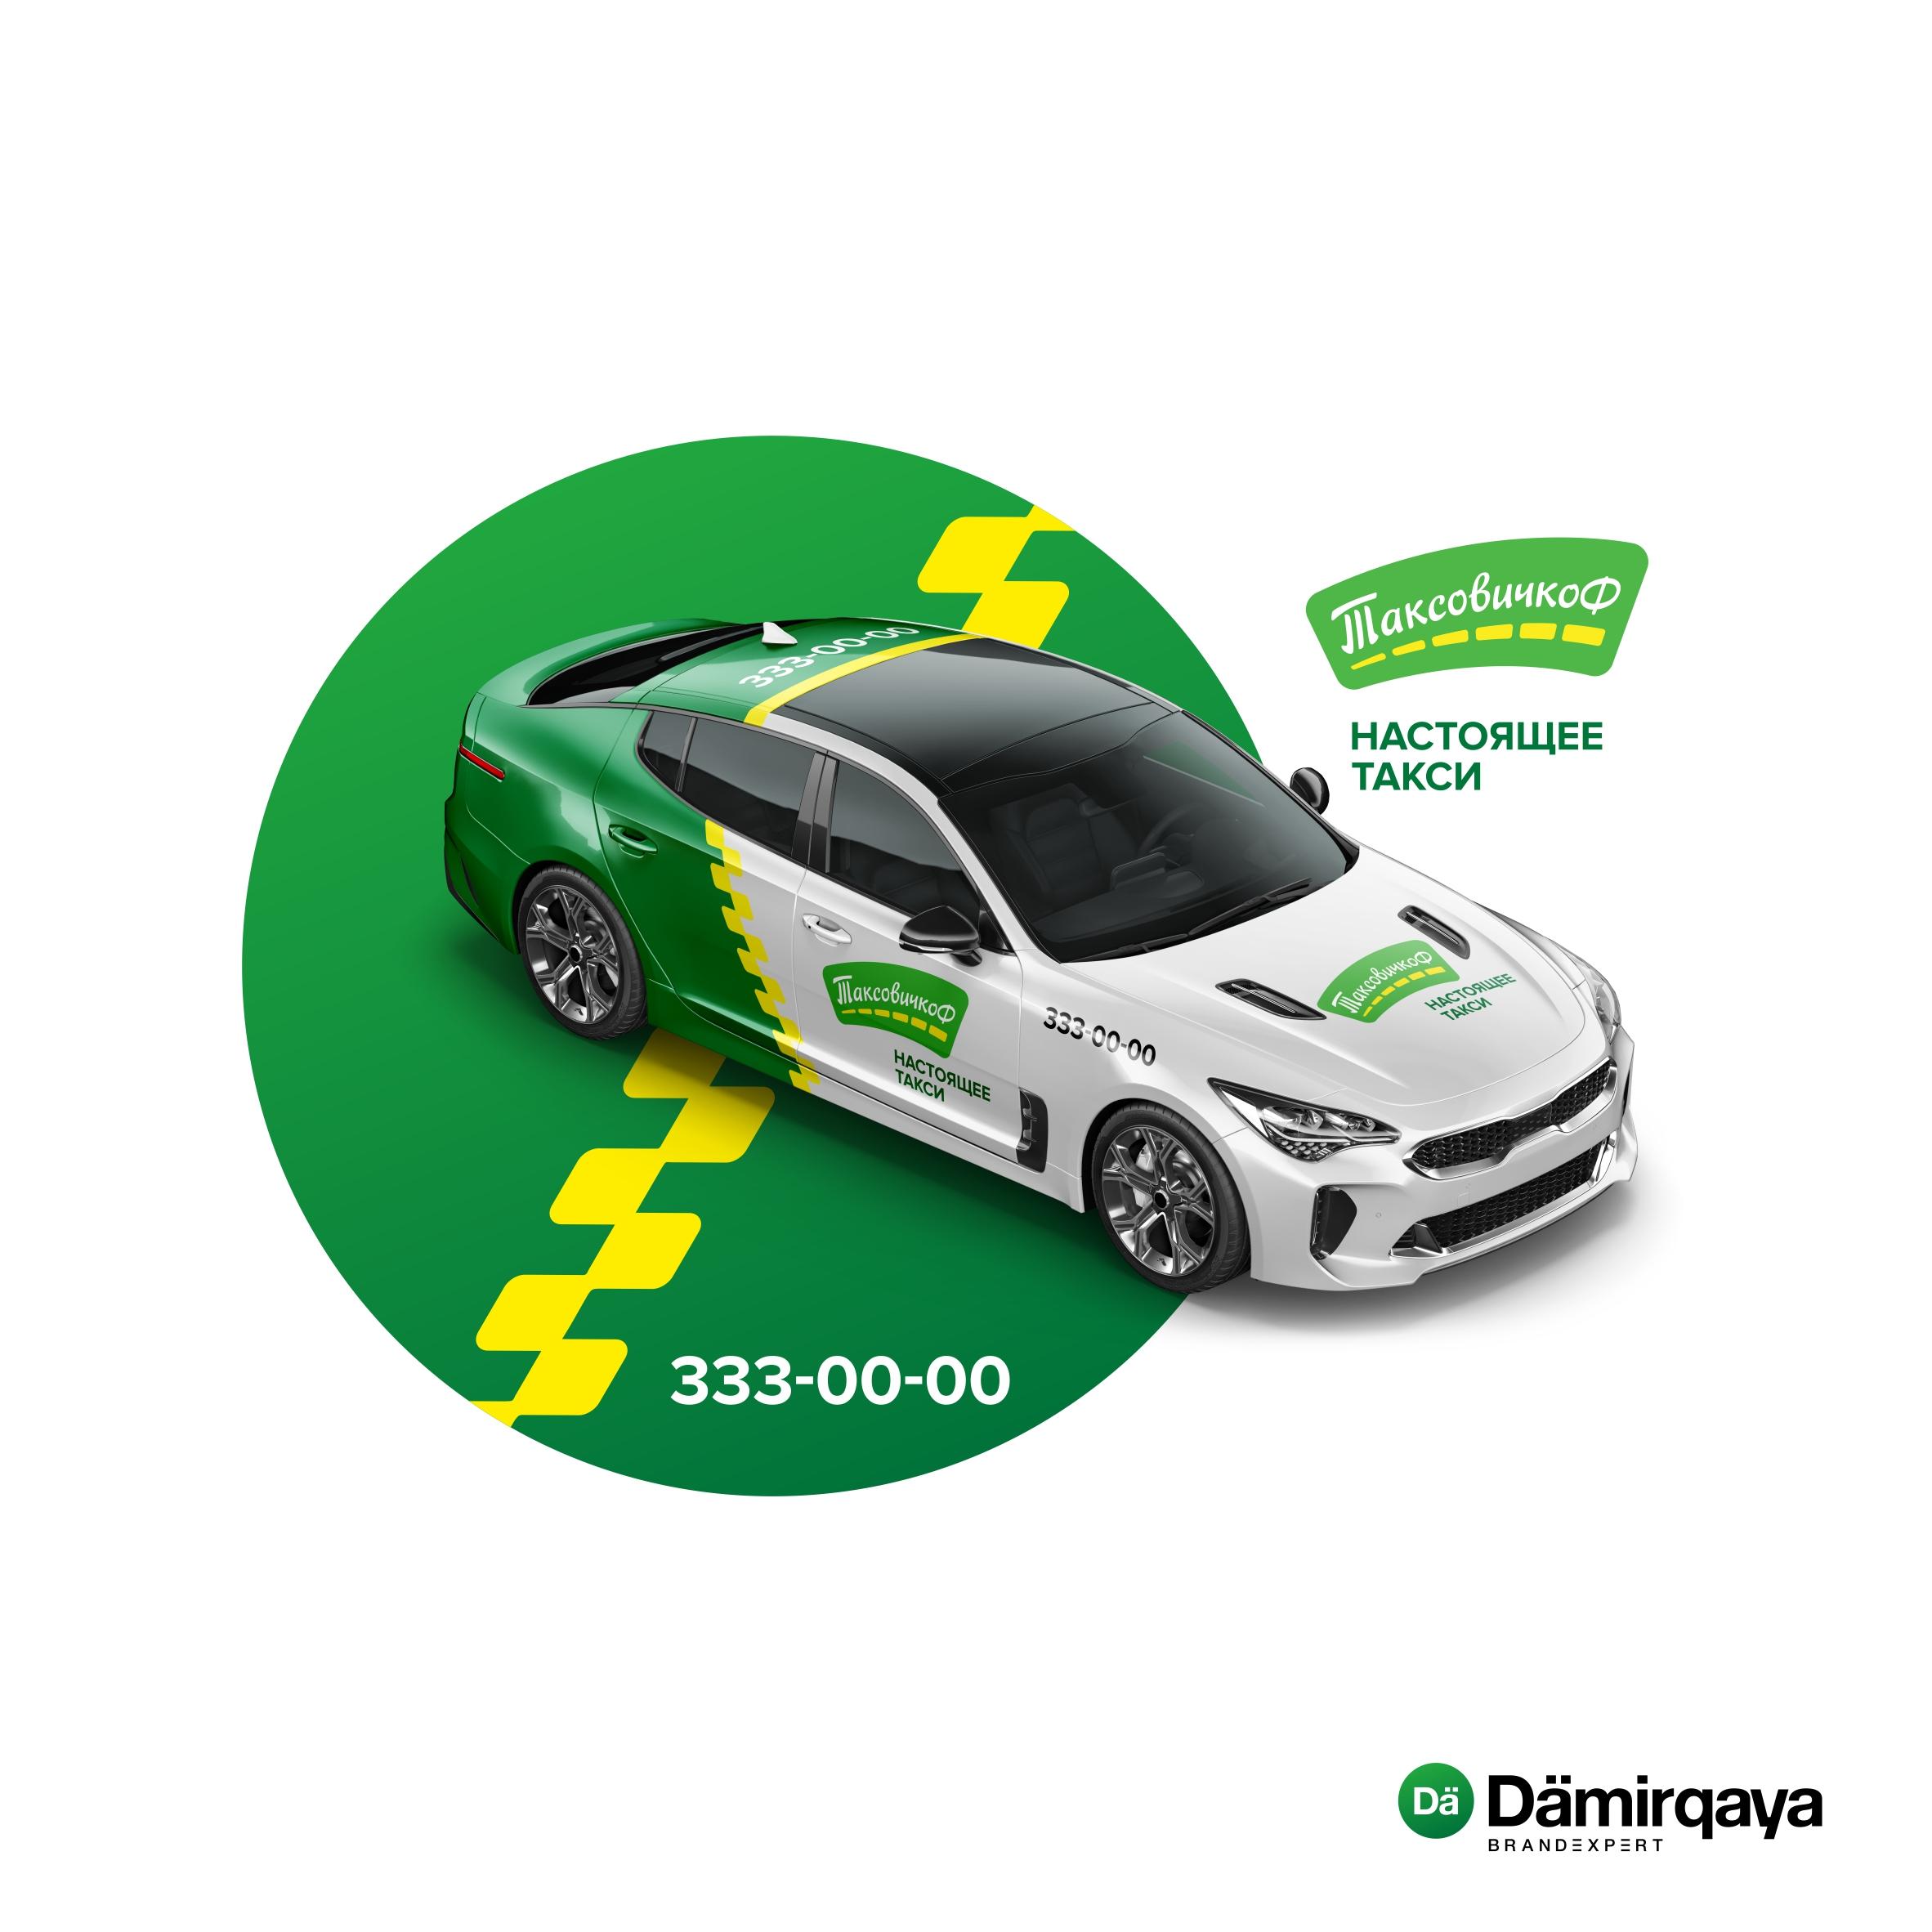 Разработка брендирования автомобиля такси Таксовичкоф фото f_6215c123b6721c7e.jpg